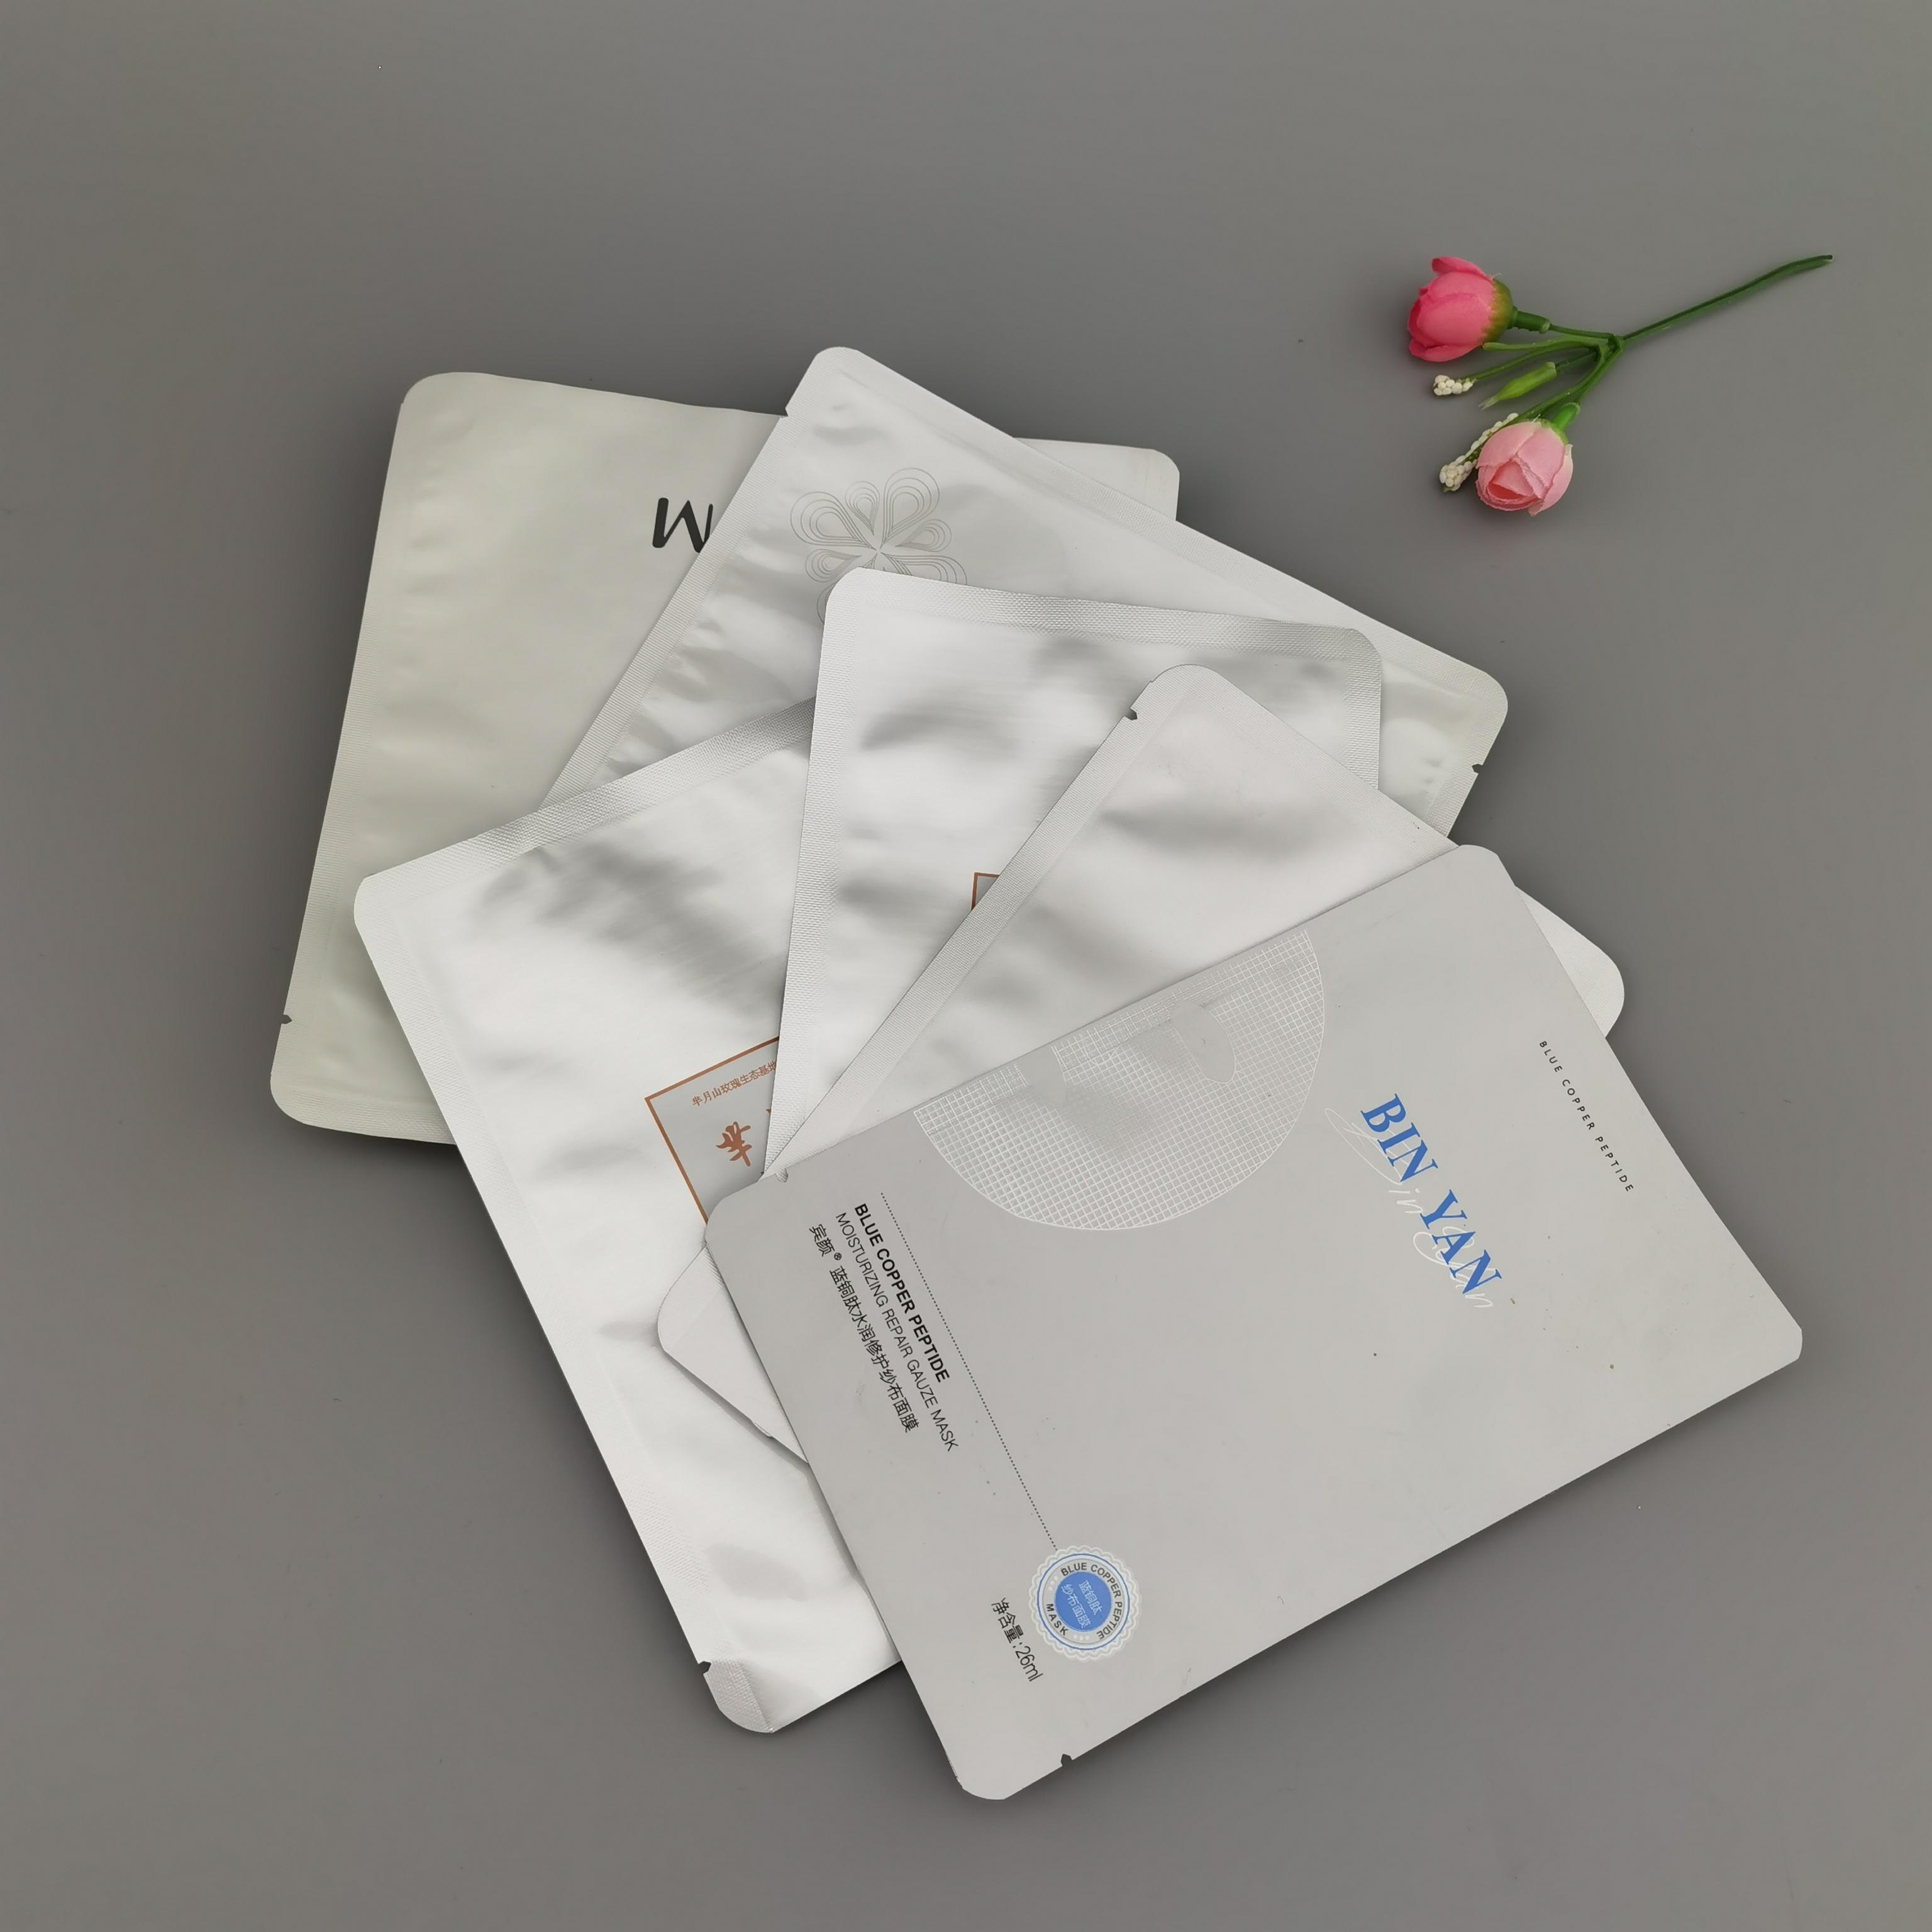 定做面膜包装袋三边封镀铝箔复合袋哑光化妆品保湿磨砂包装袋子